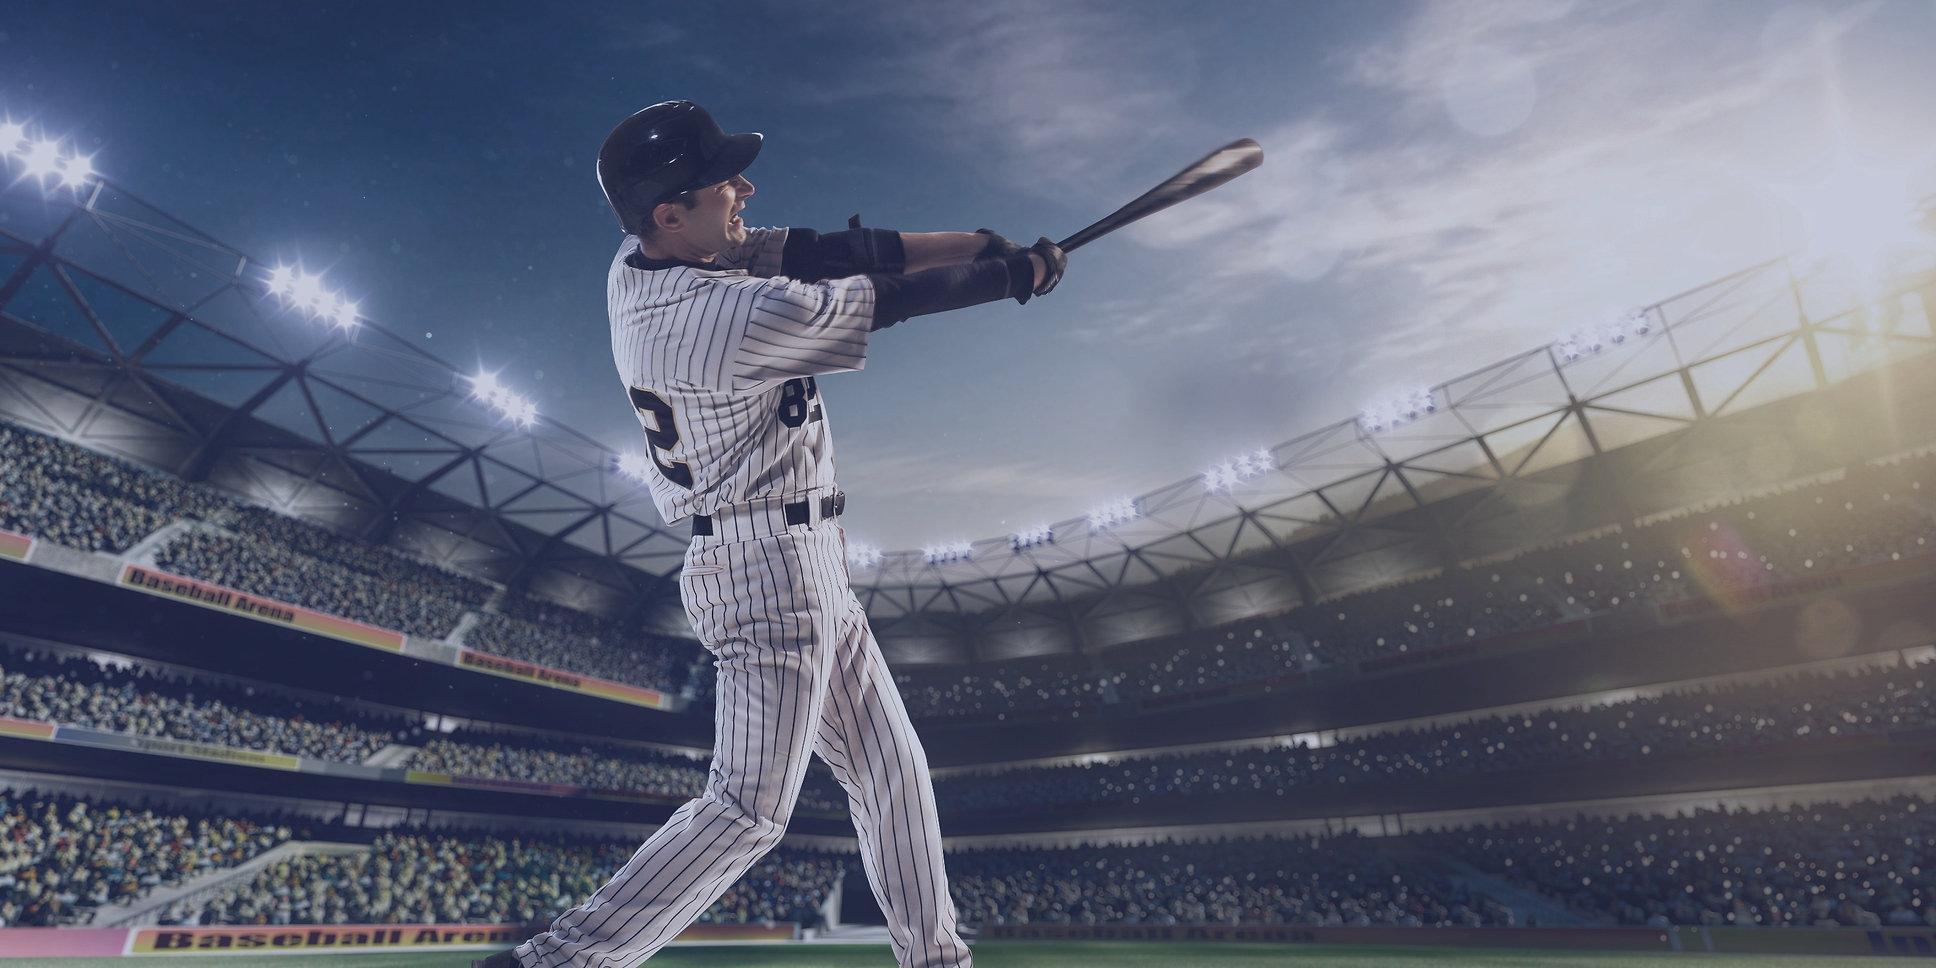 Baseball%2520Hitter_edited_edited.jpg